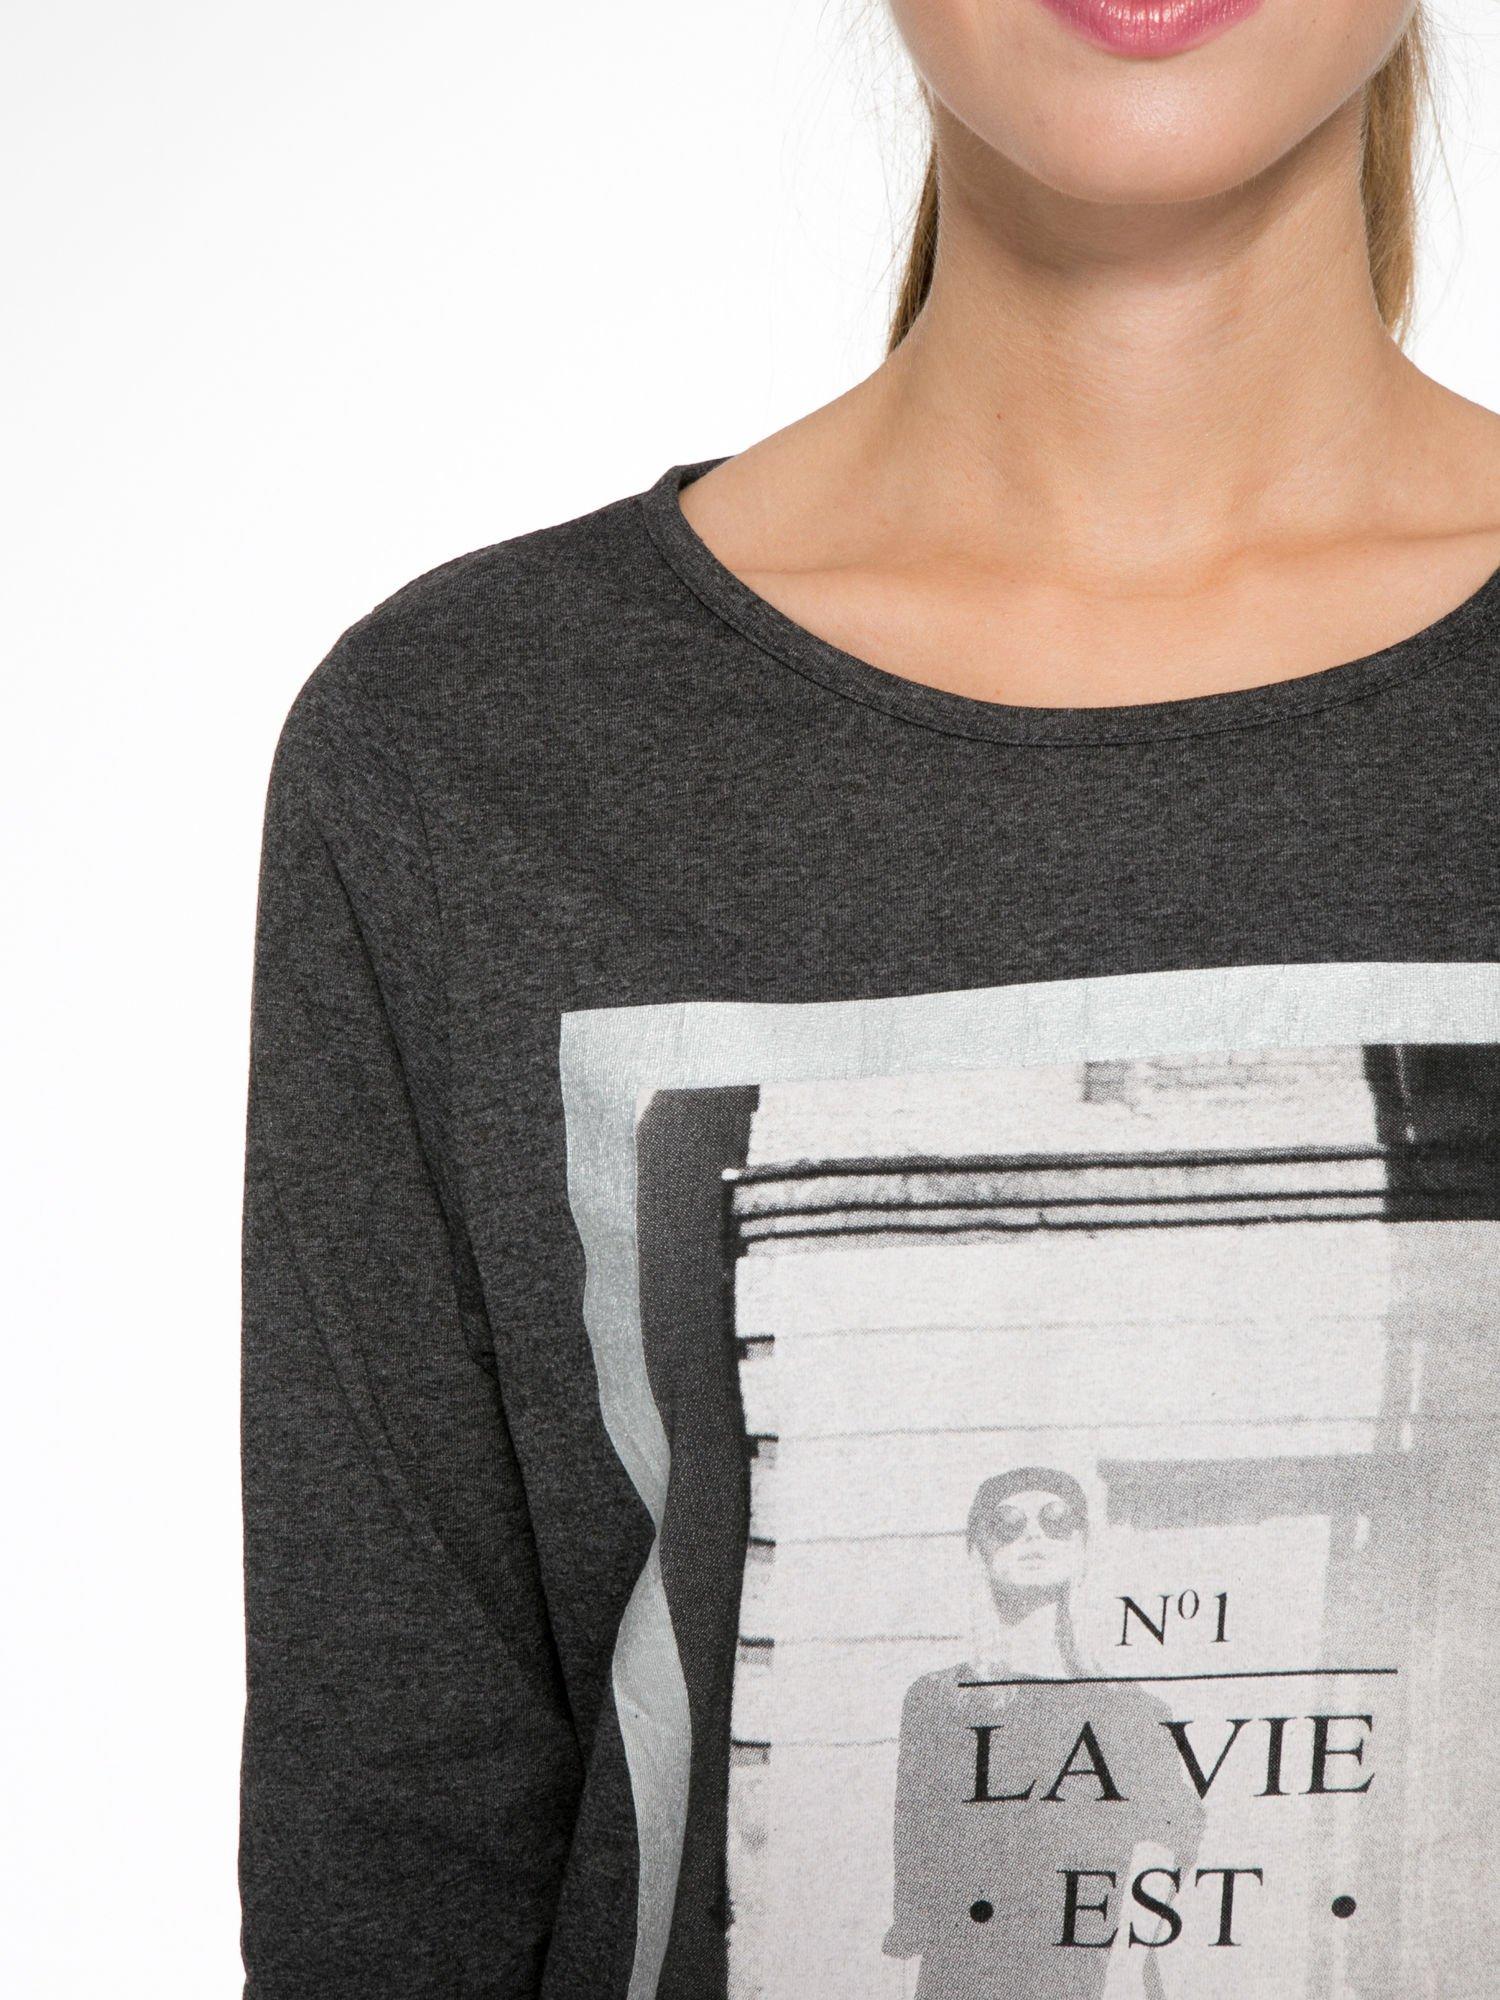 Szara bluzka w stylu fashion z nadrukiem LA VIE EST BELLE                                  zdj.                                  6